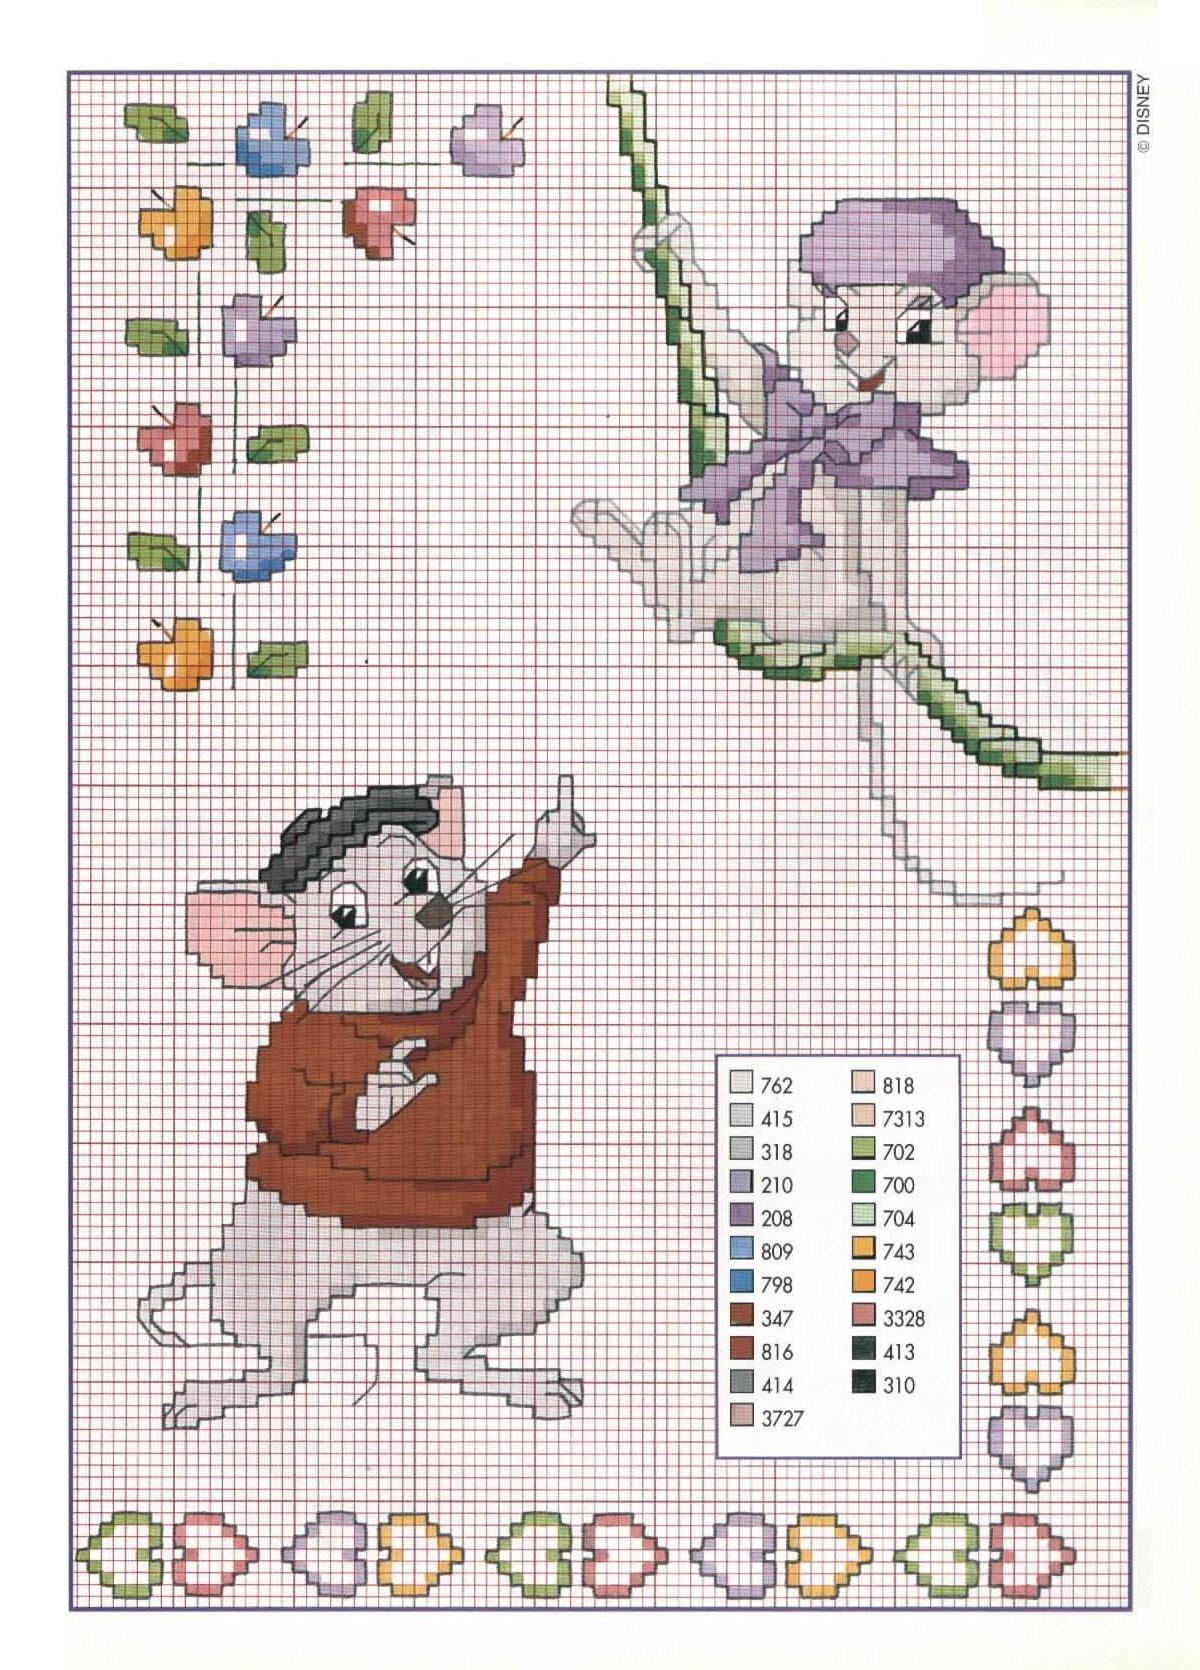 Bianca e bernie cartone animato punto for Schemi punto croce bambini disney